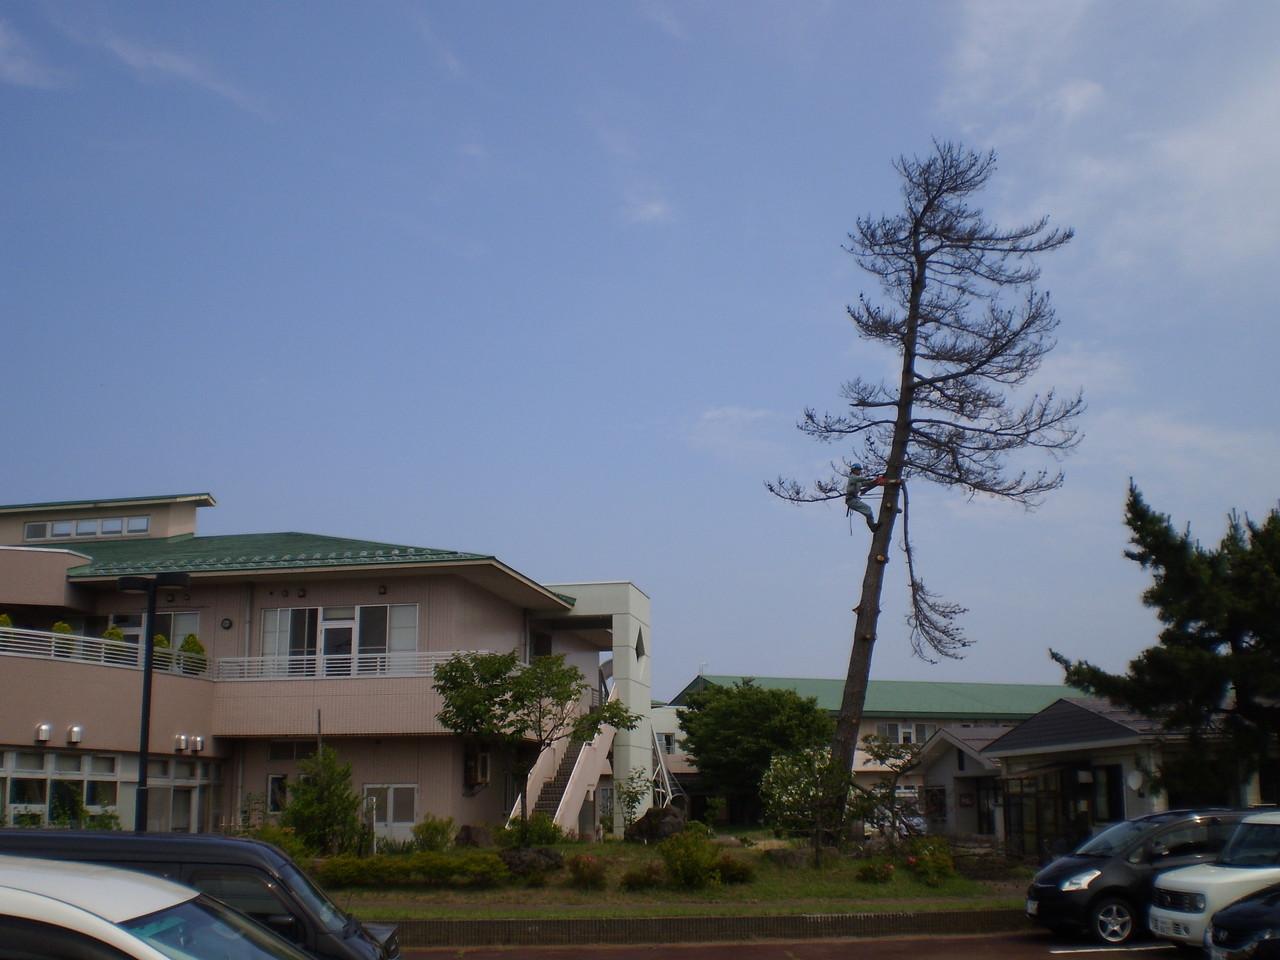 下の枝からチェーンソーで伐採していきます